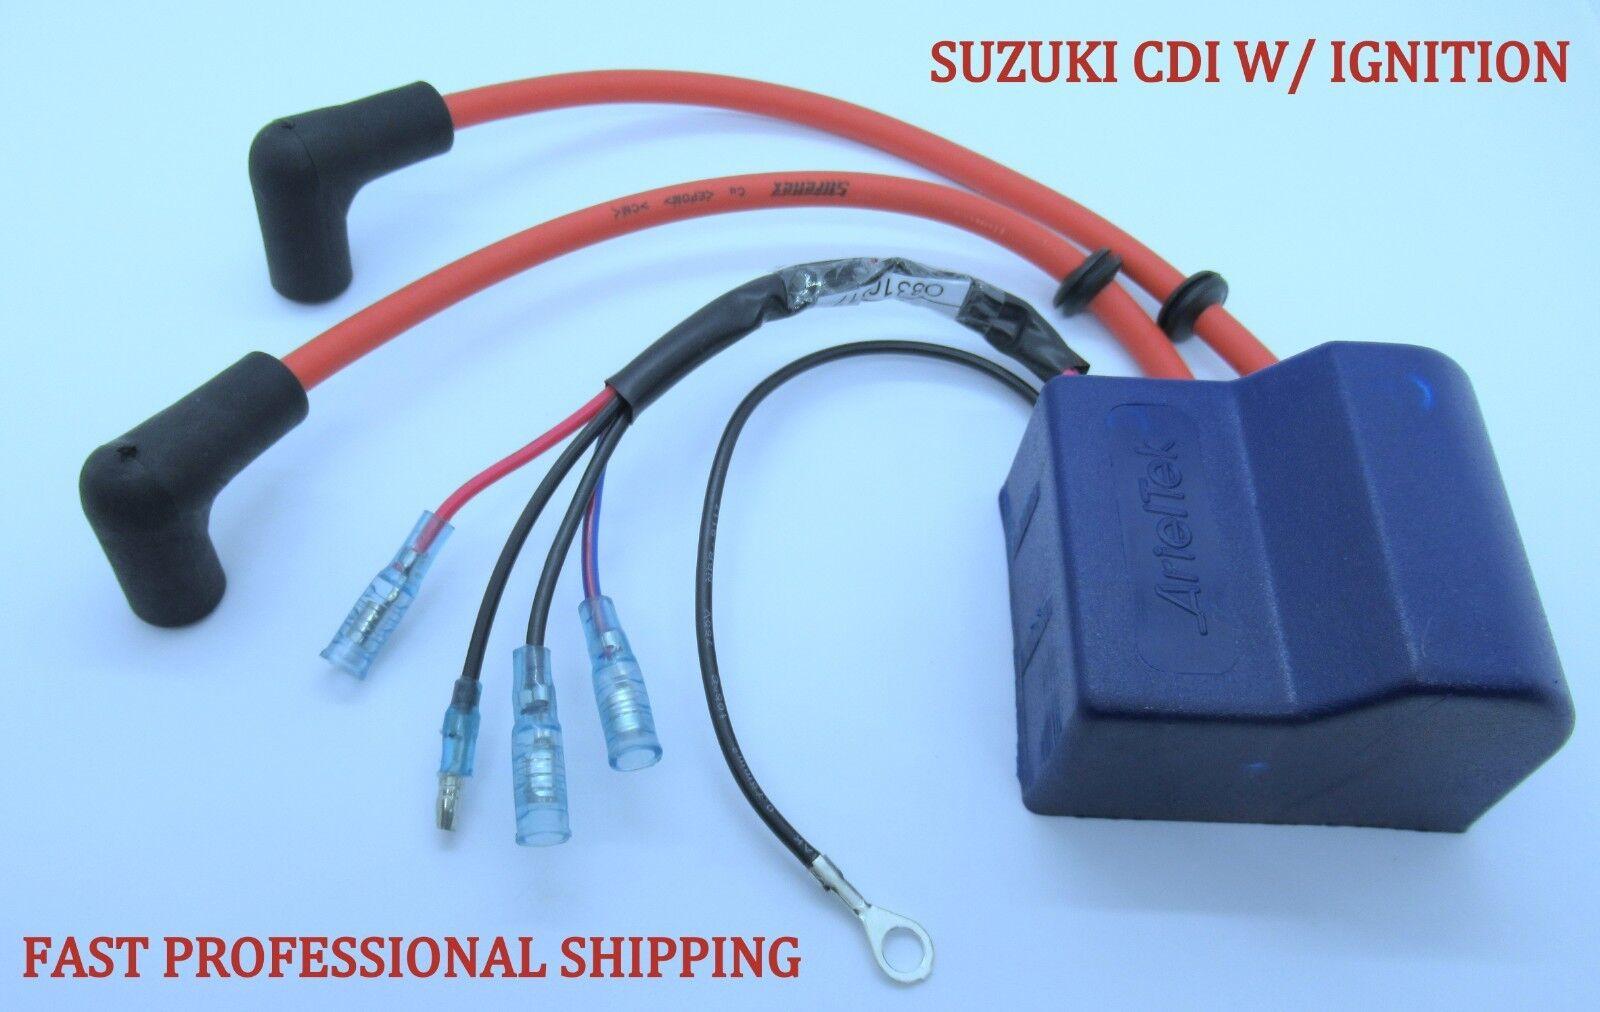 Suzuki Outboard 32900-96340 CDI Unit W// Ignition Coil 2 Stroke 25-30HP 1986-1994